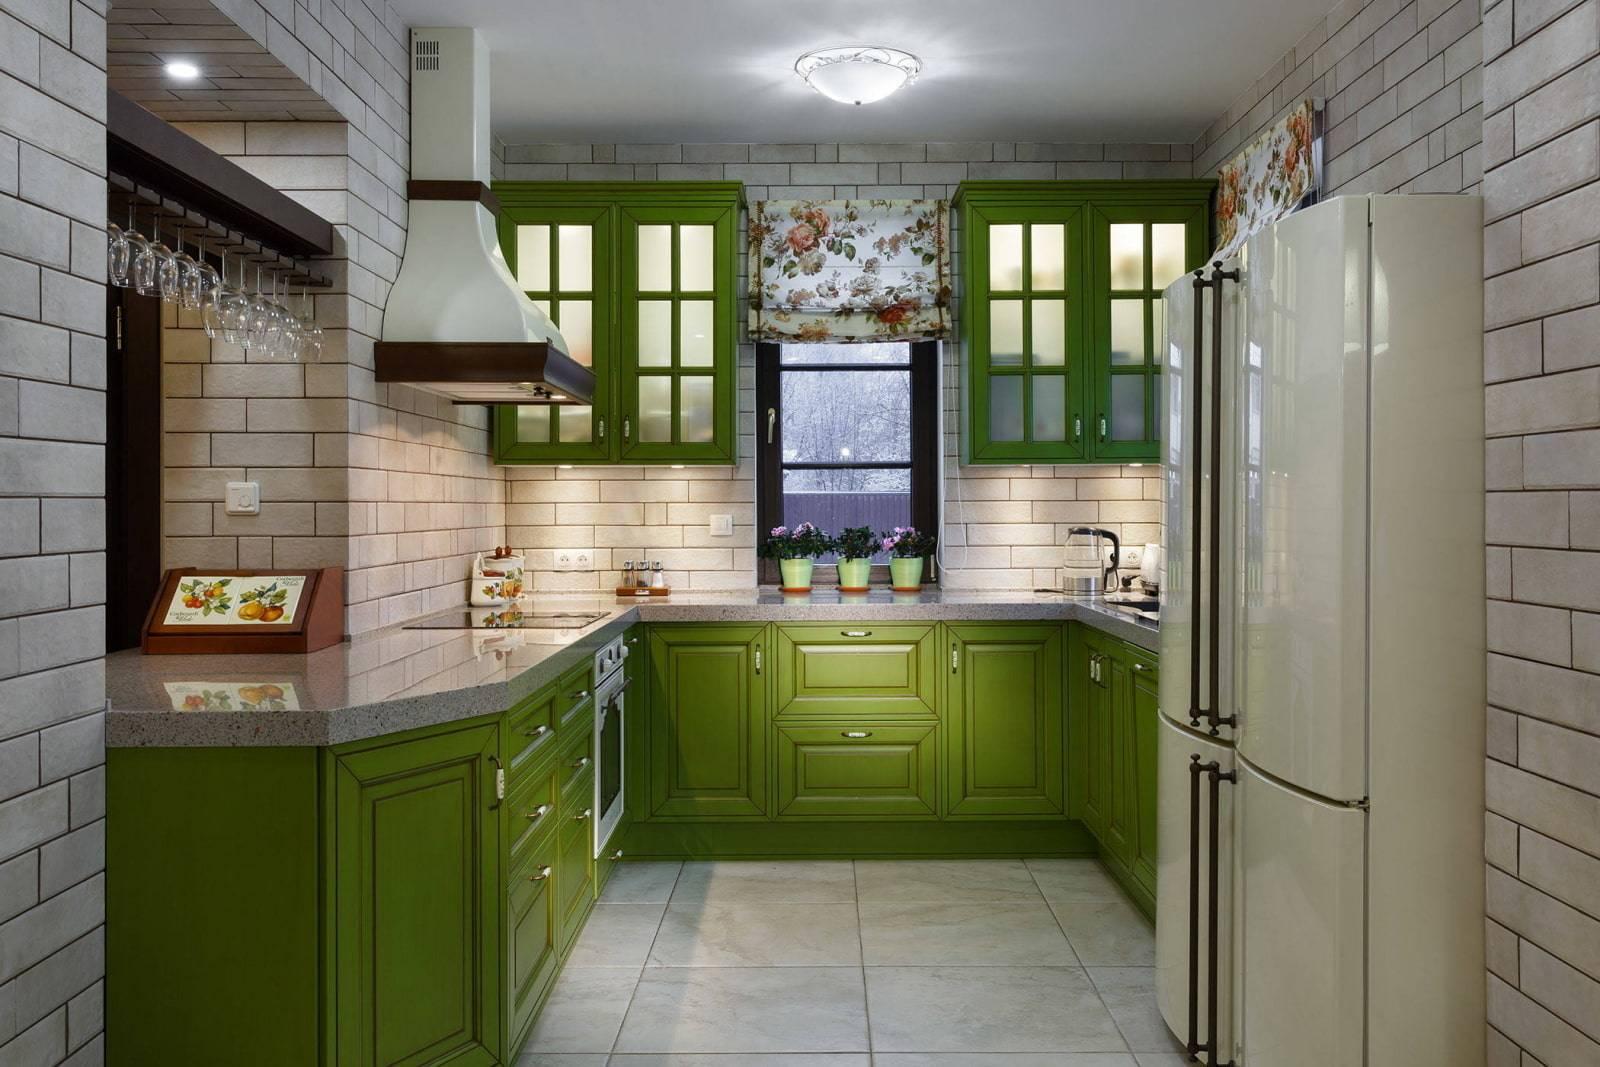 Бело-зеленая кухня (43 фото): кухонный гарнитур с белым верхом и зеленым низом в интерьере. варианты акцентов и дизайна